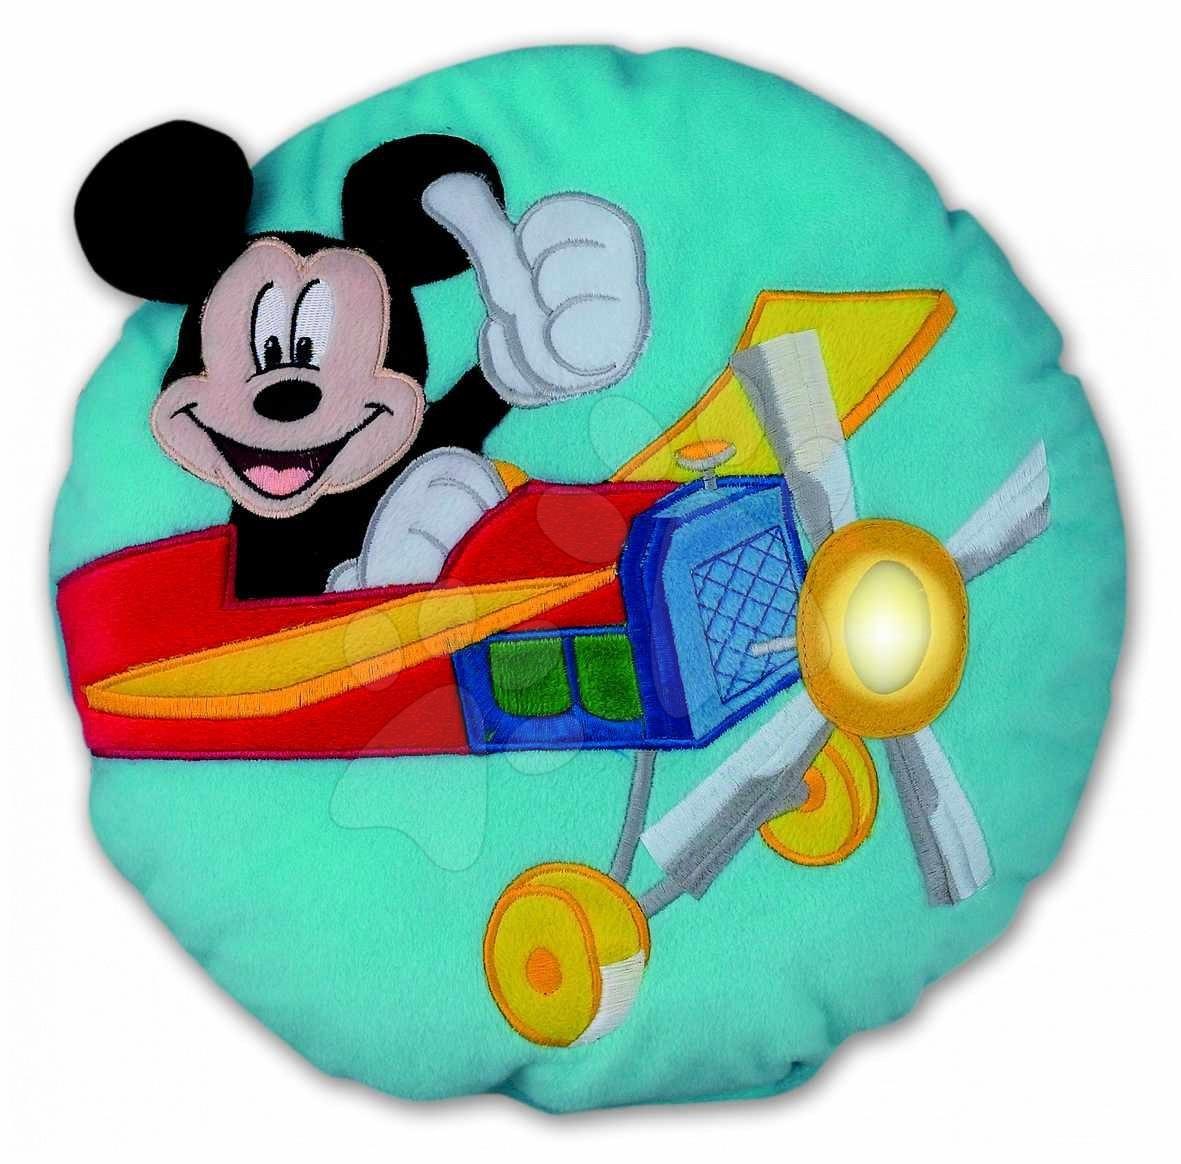 Polštář Mickey Mouse Ilanit se světlem